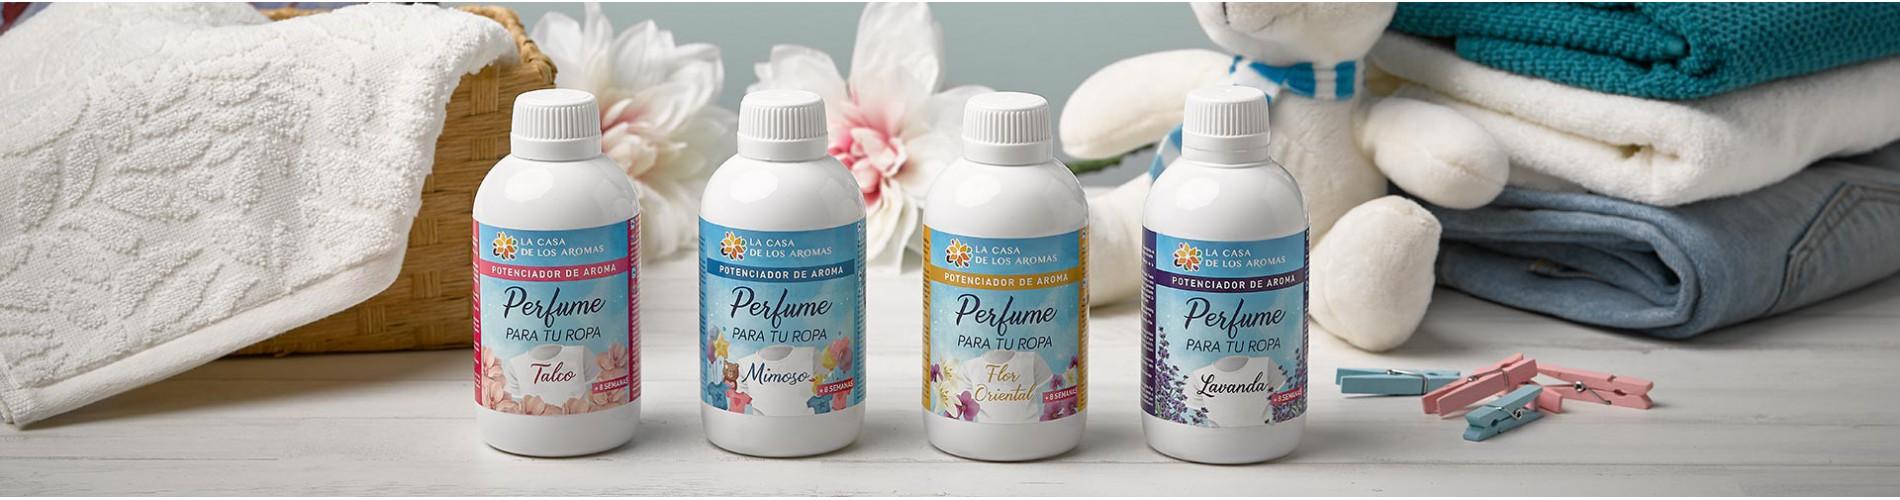 Perfume para tu ropa: El mejor perfume de La Casa de los Aromas